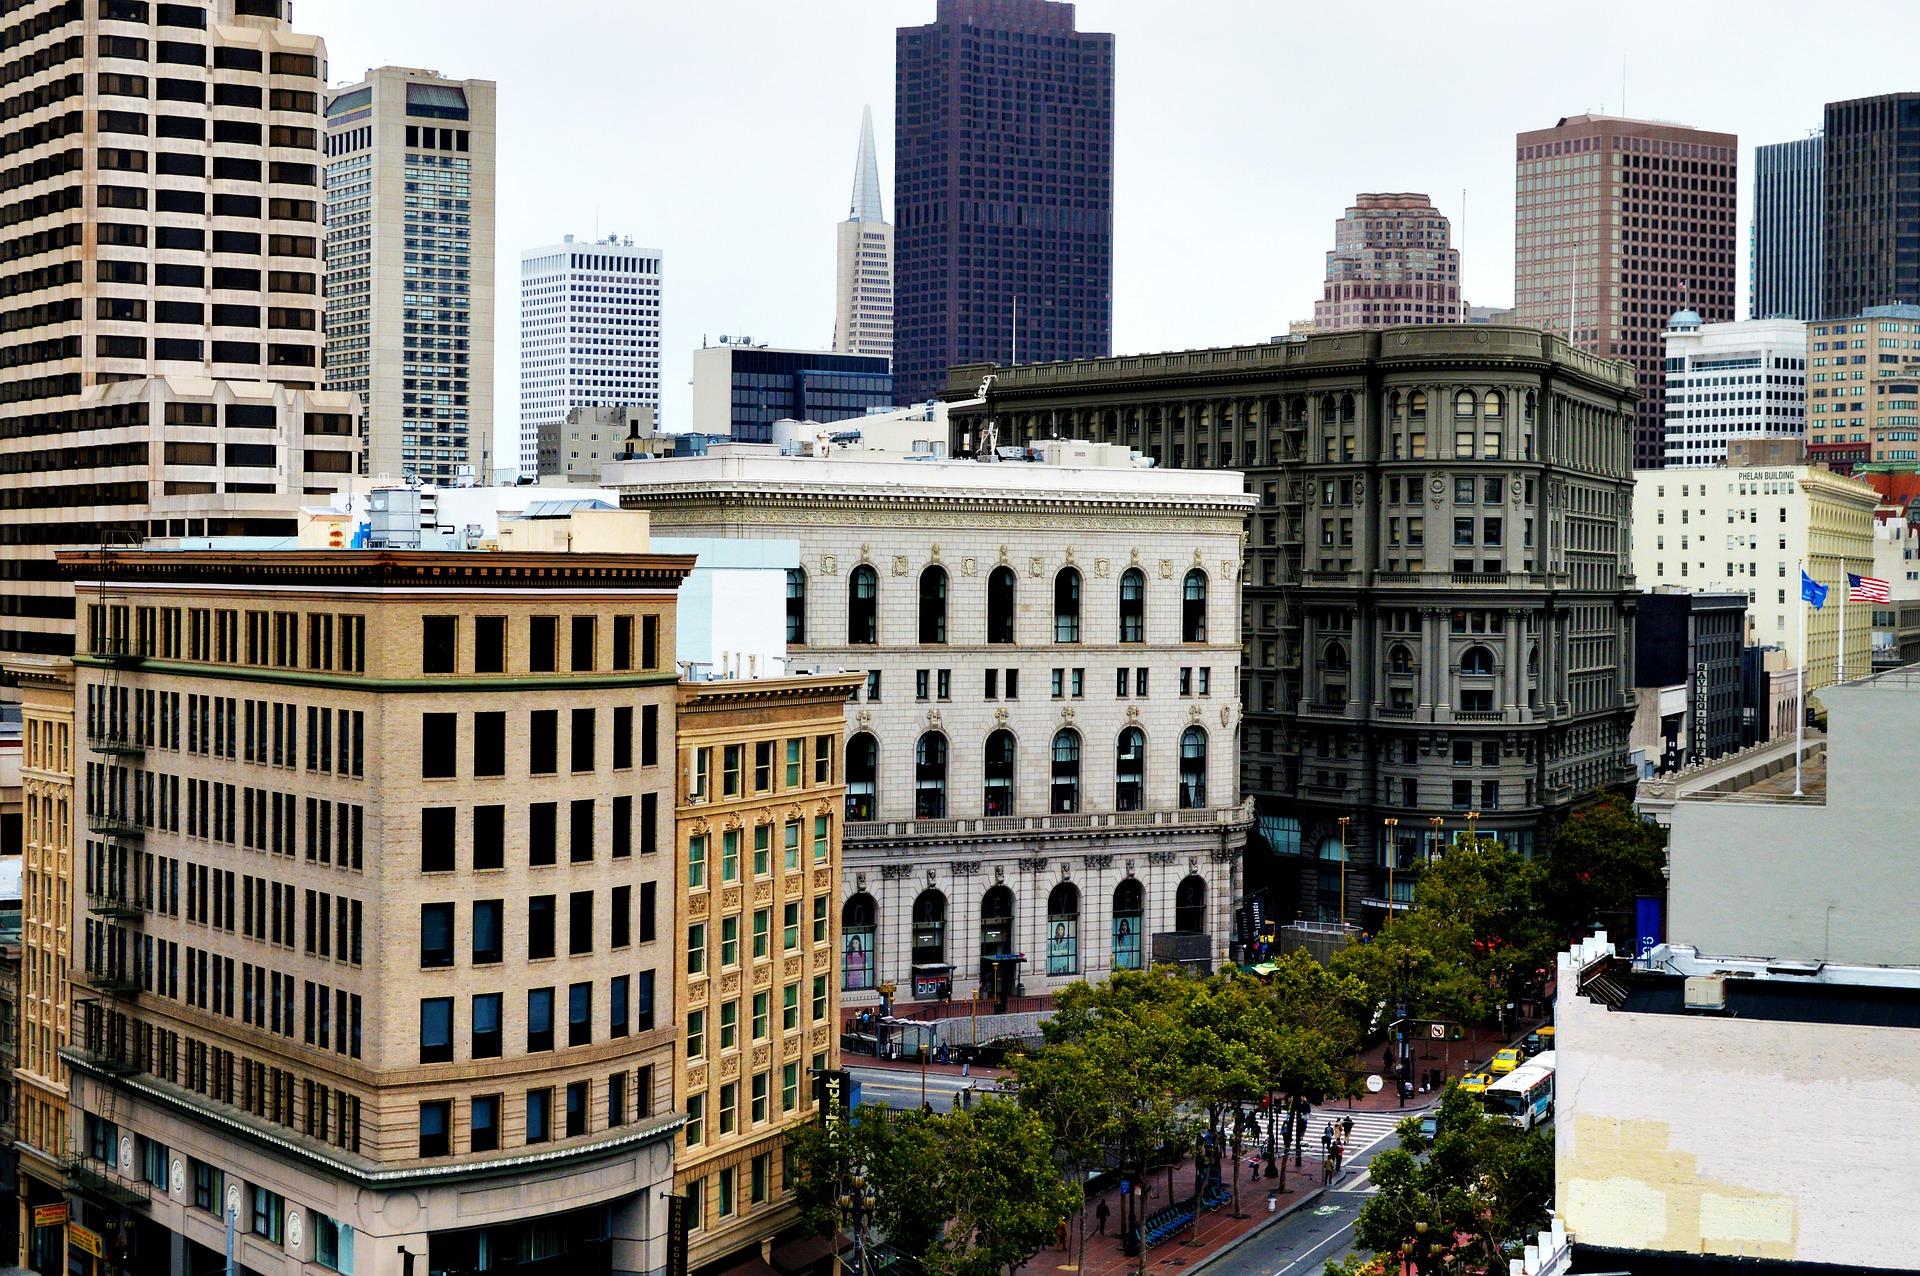 sf buildings.jpg